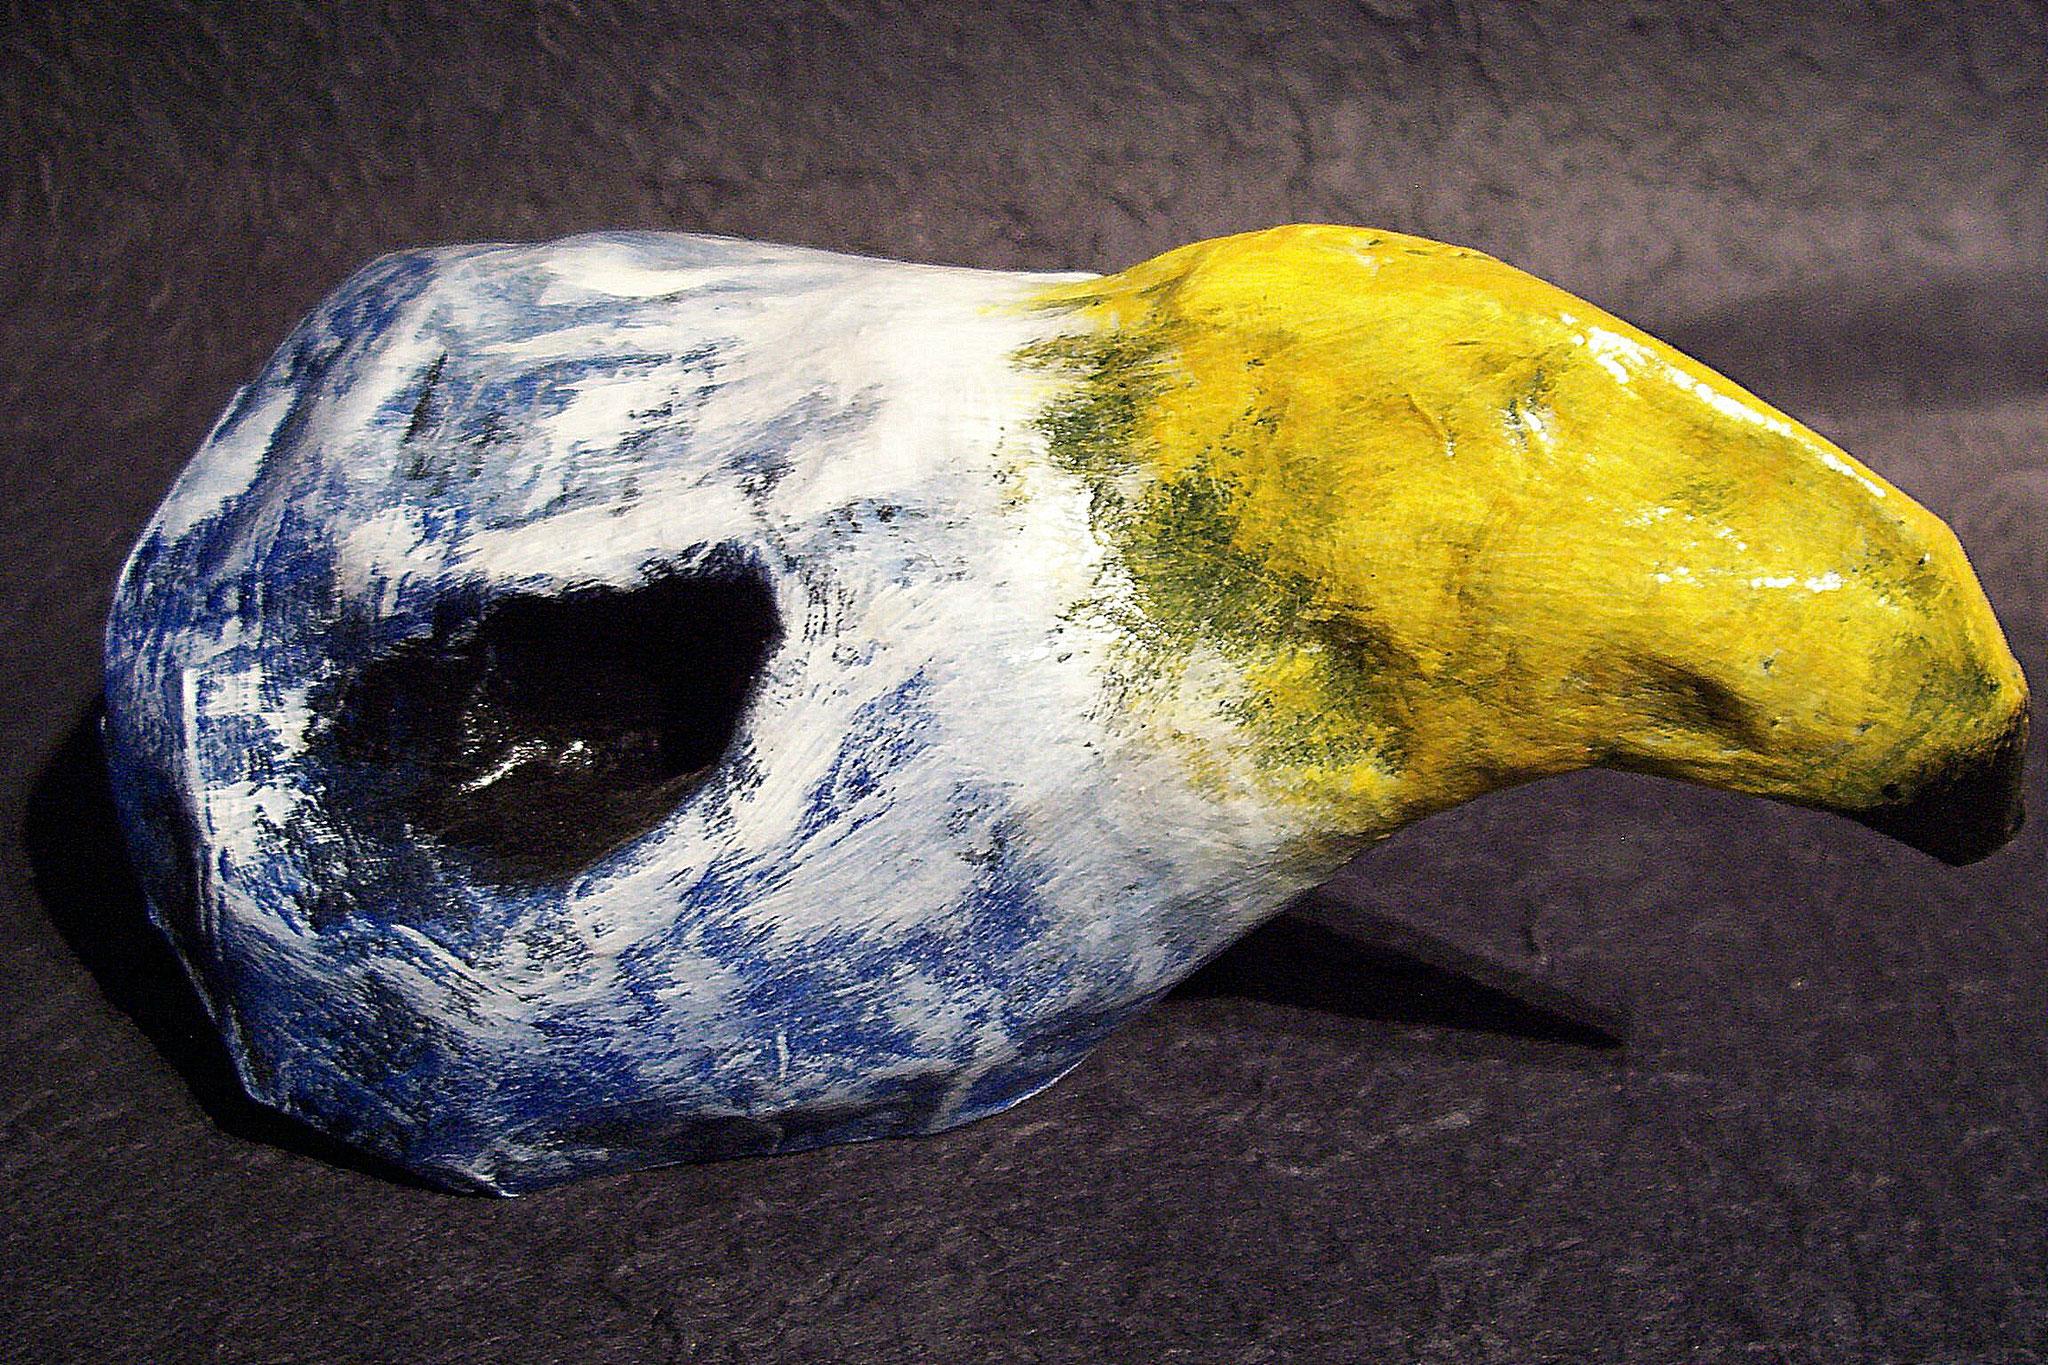 Handvogel / bird for hand